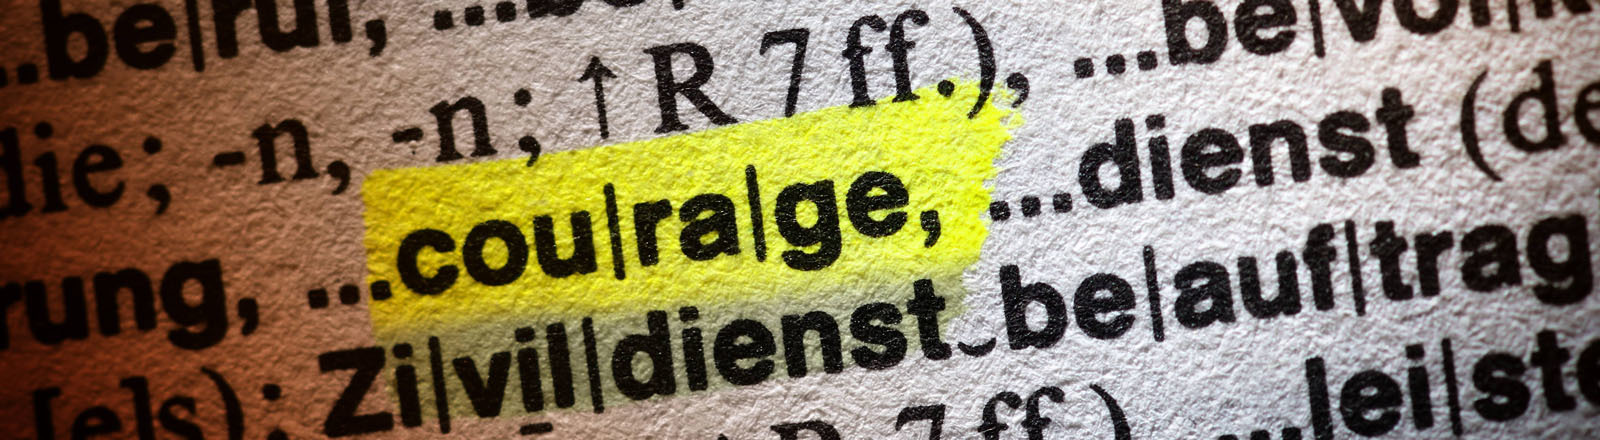 Das Wort Zivilcourage ist in einem Wörterbuch markiert.